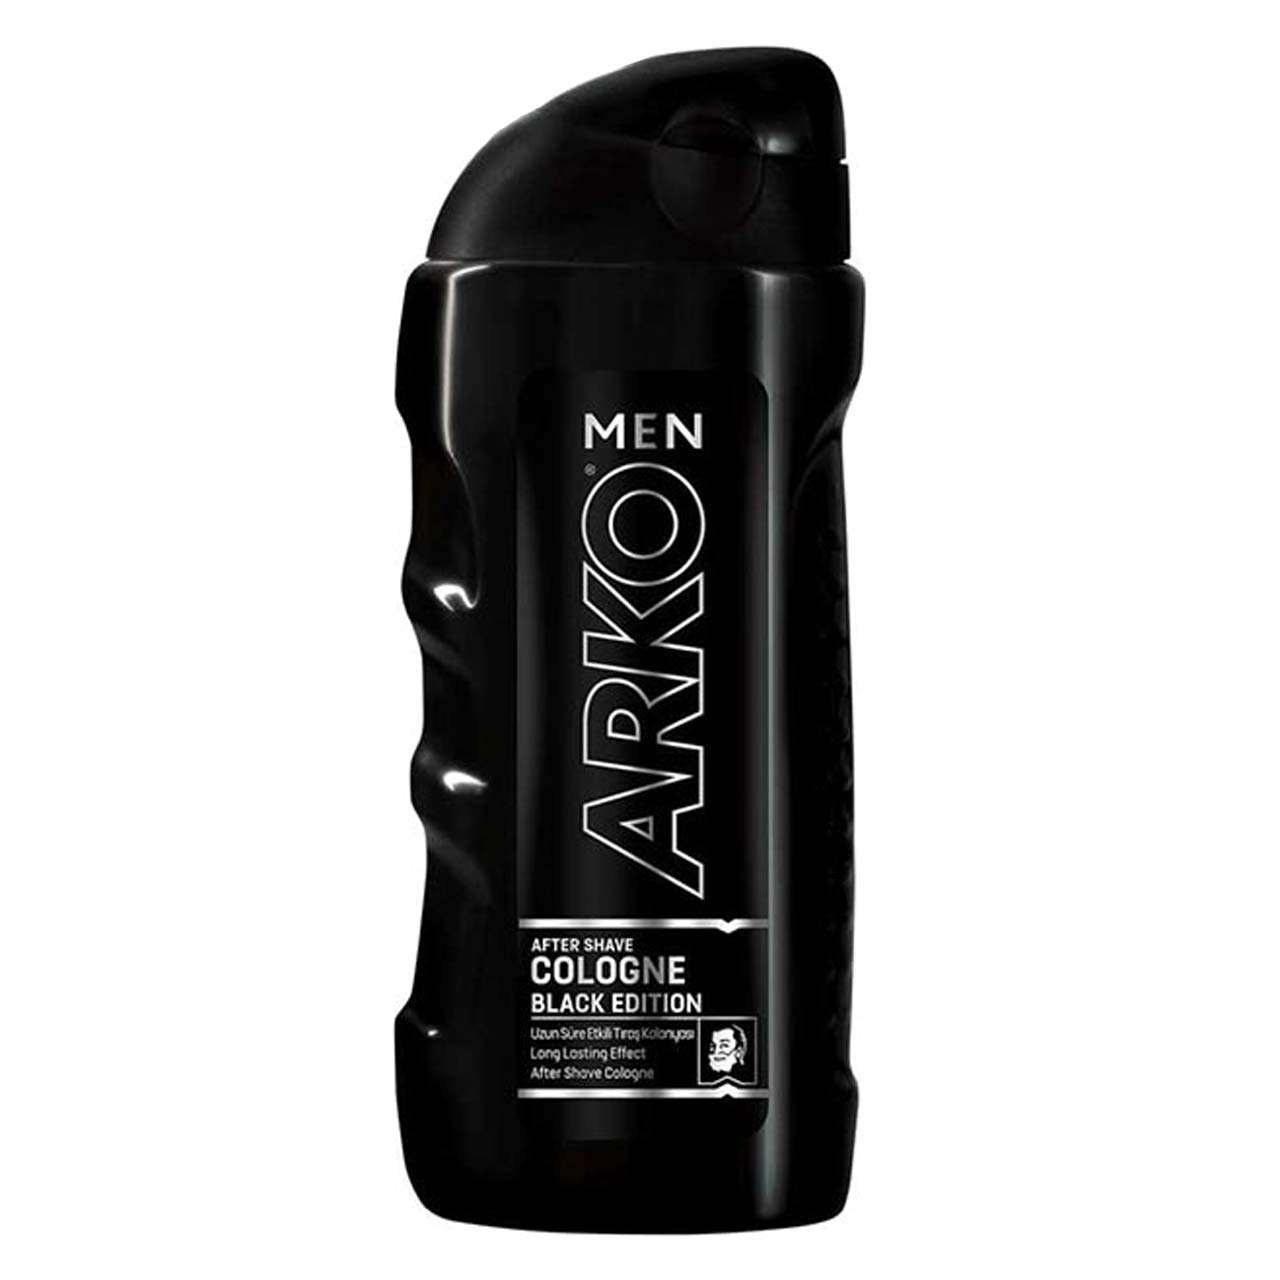 تصویر افتر شیو آرکو من مدل Black Edition حجم 250 میل ARKO MEN  Black Edition After Shave 250ml